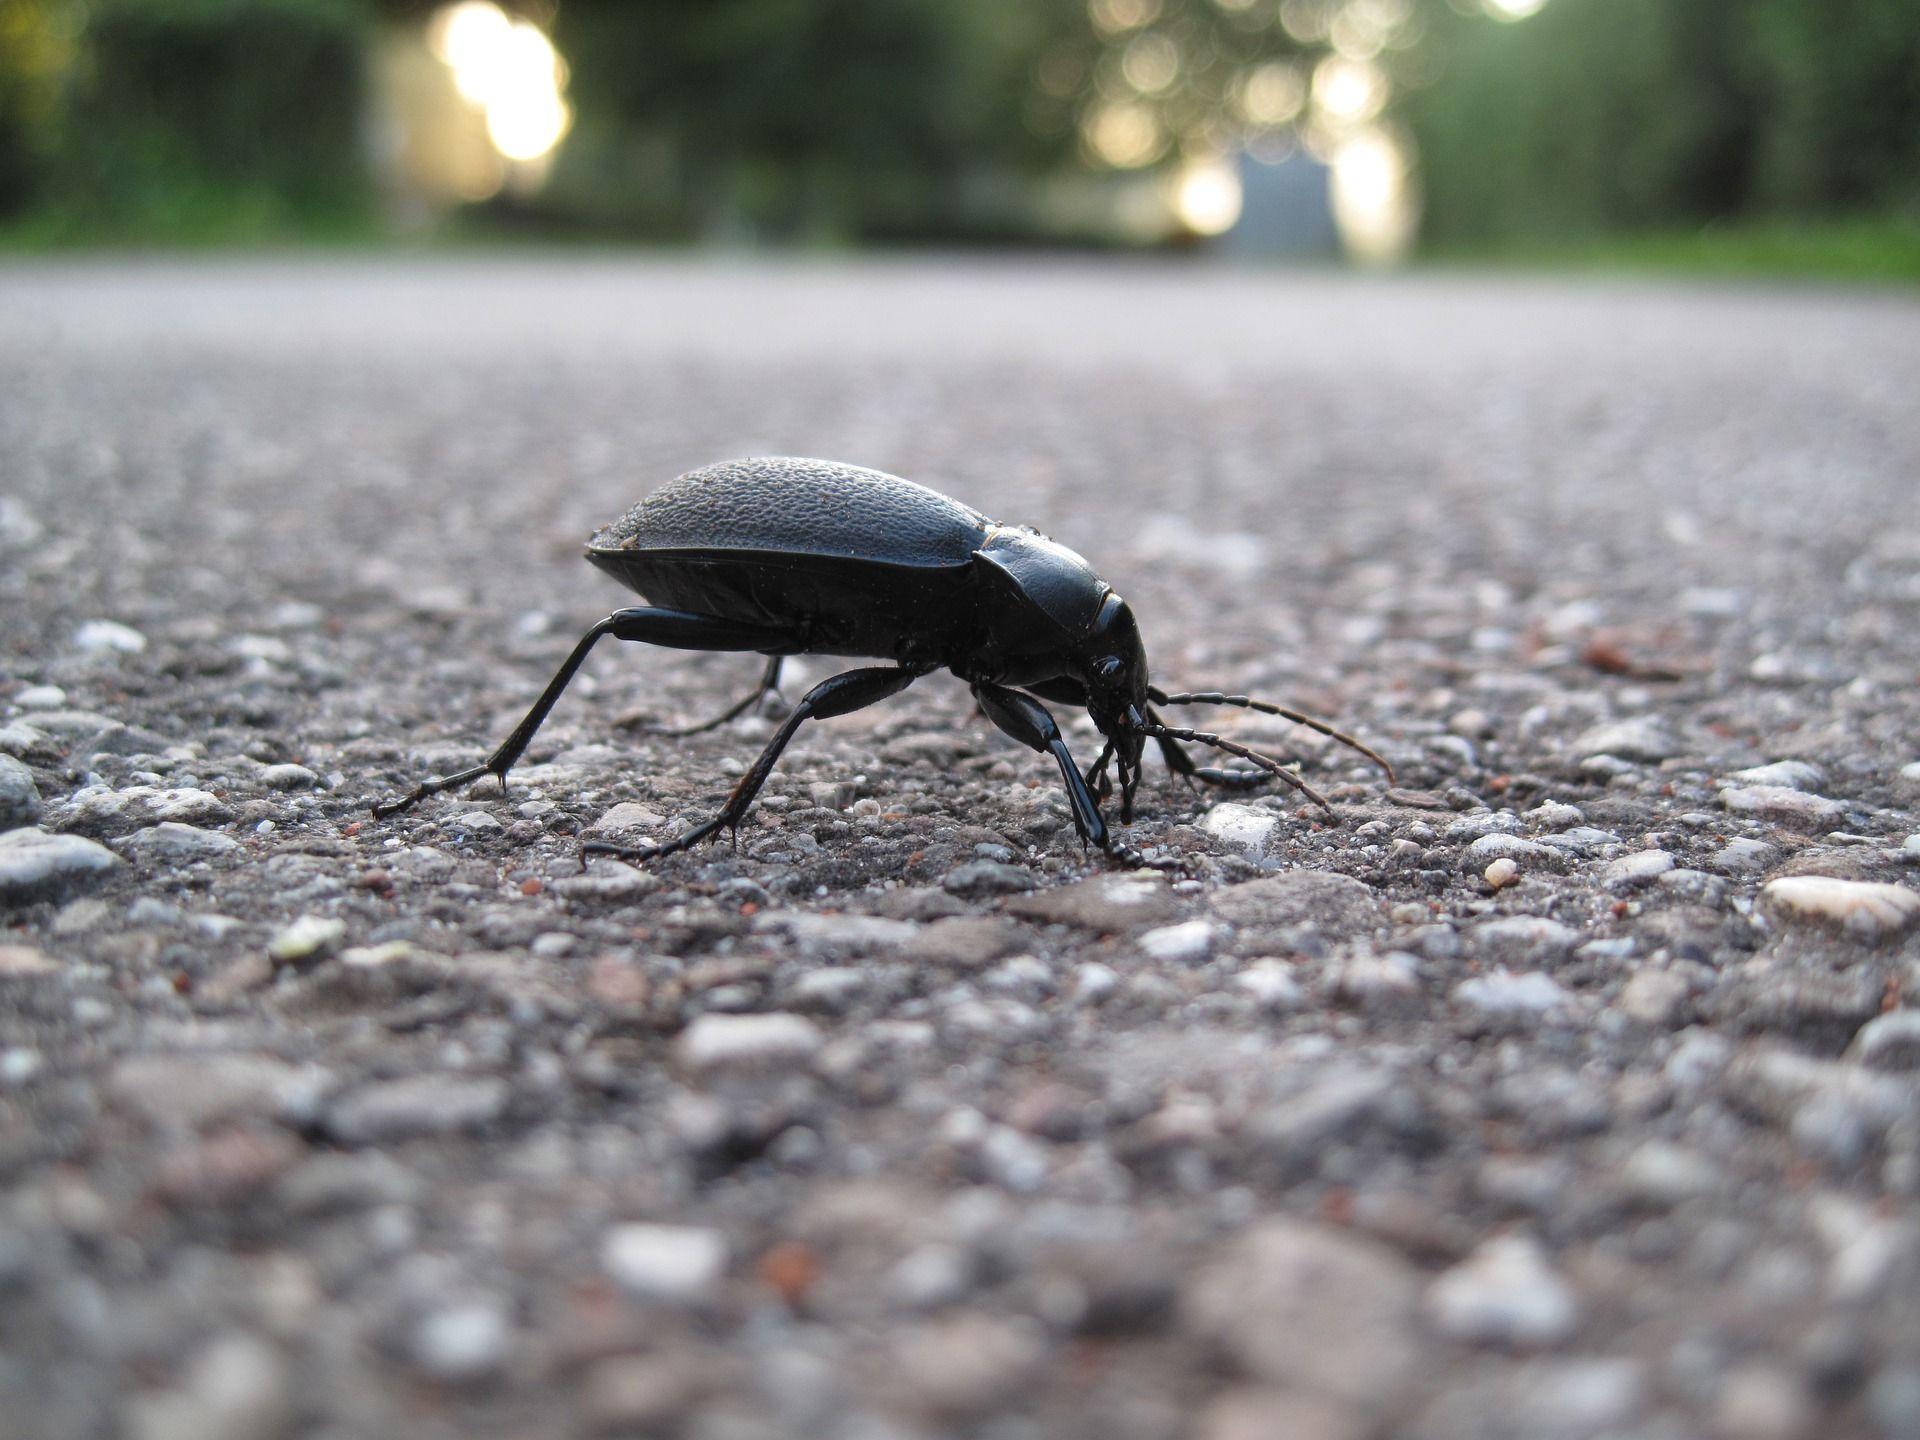 Смотреть необычное фото черного жука